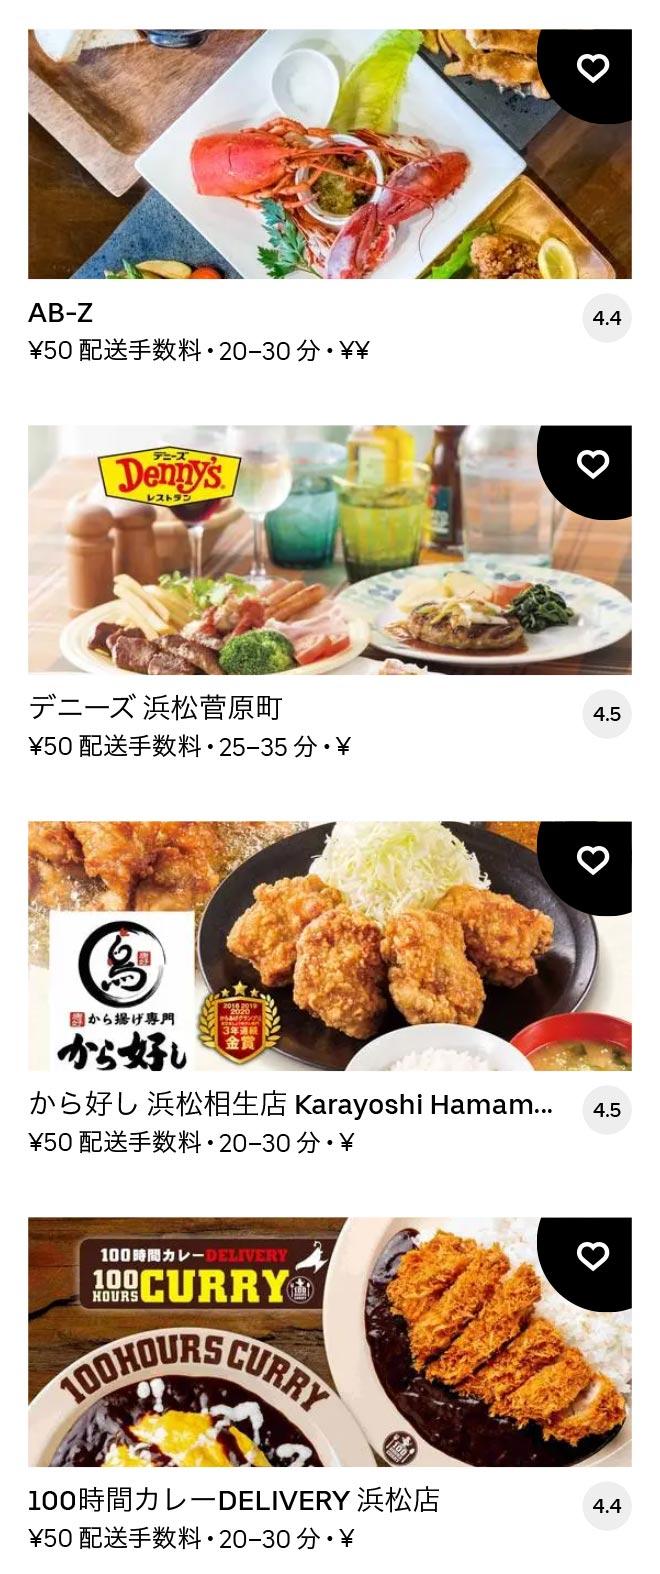 Hamamatsu menu 2011 08